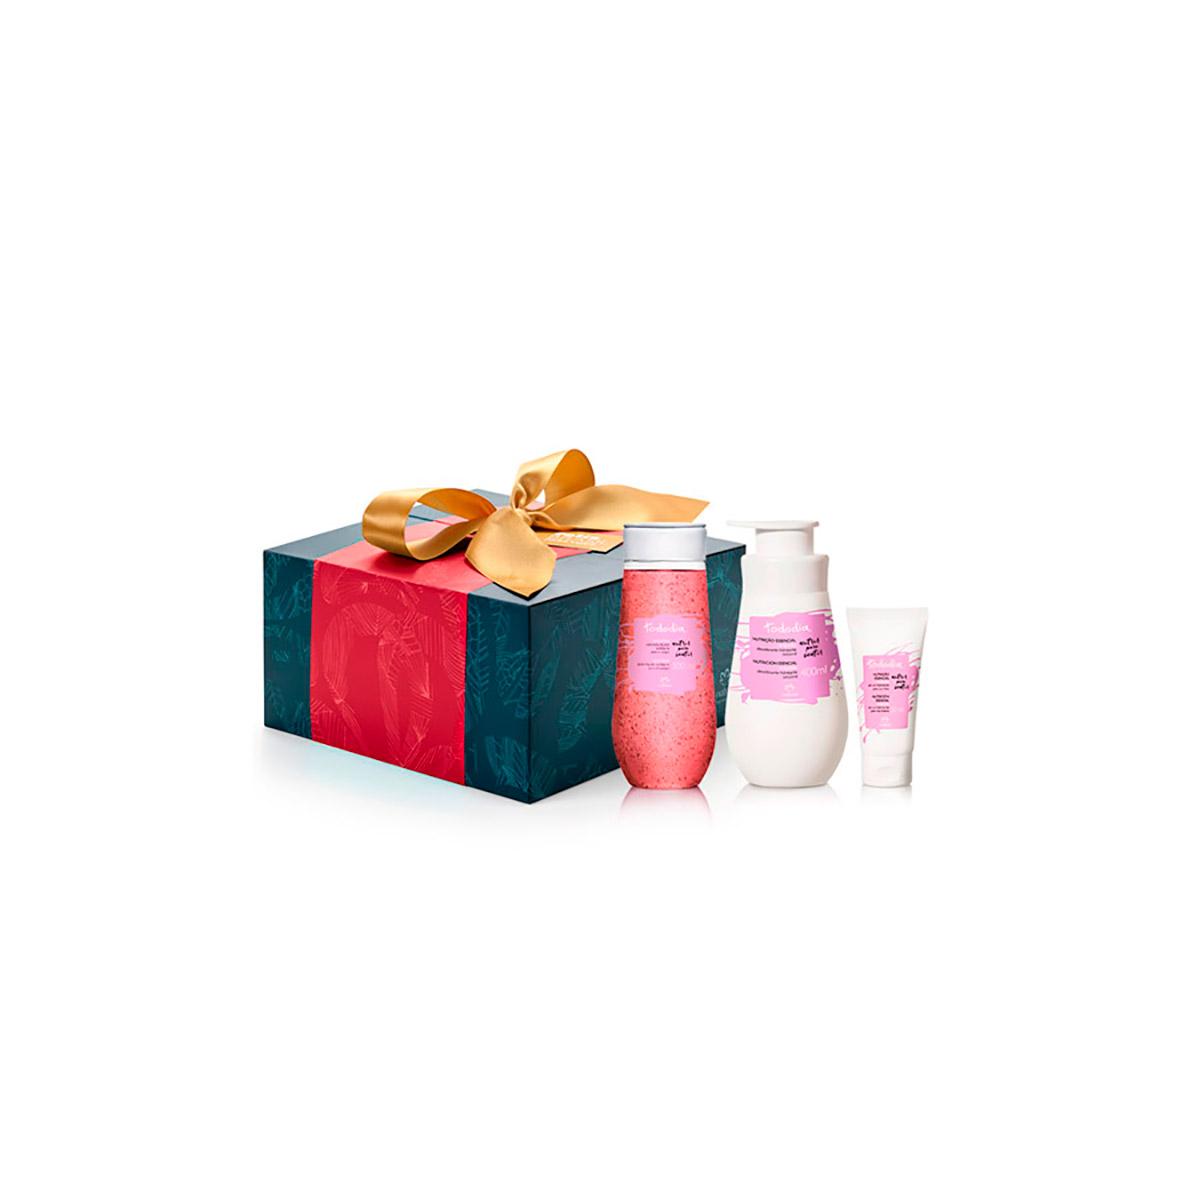 Presente Exclusivo Online Natura Tododia Orquídea - Desodorante Hidratante Corporal + Sabonete Líquido Esfoliante + Sérum Hidratante para as Mãos + Embalagem - 79220